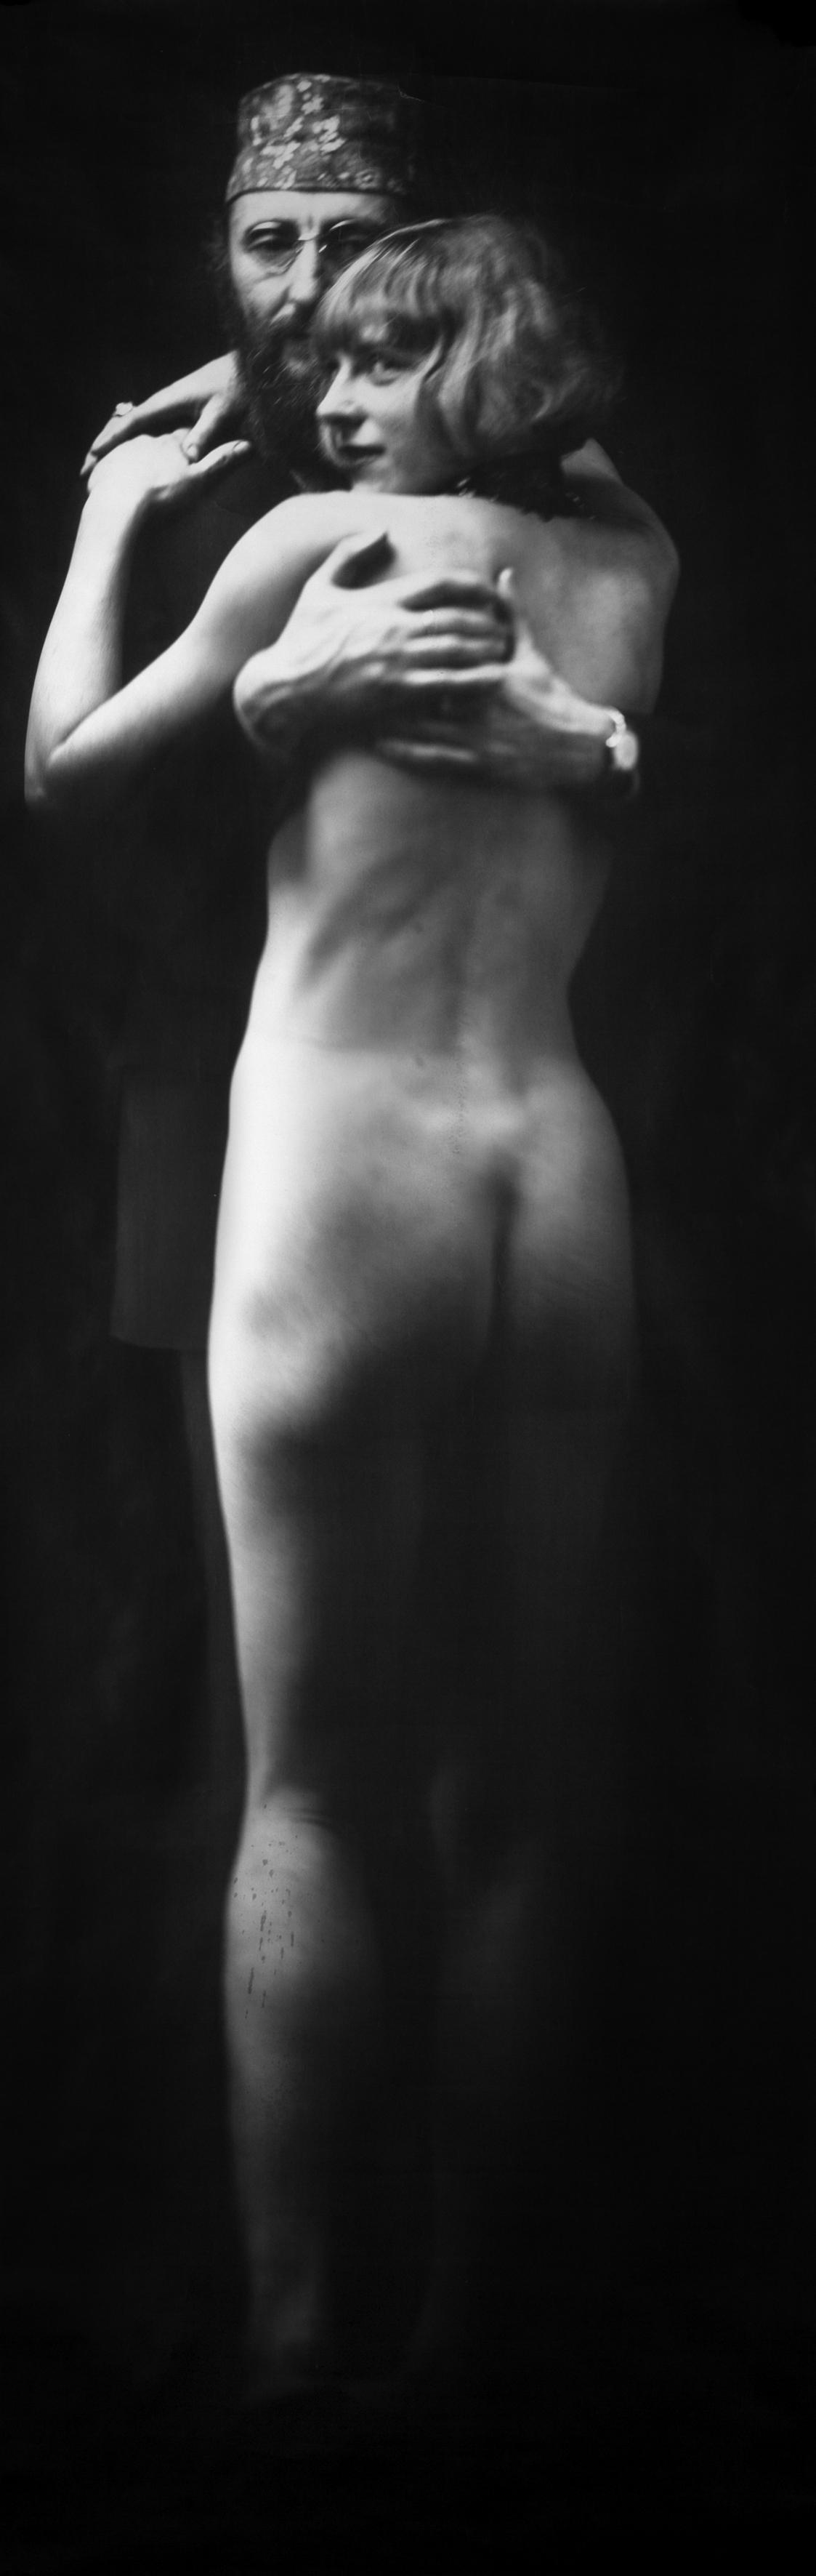 Selbstportrait_Ernst_Fuchs_70er©IMAGOCAMERA_Susanna-Kraus